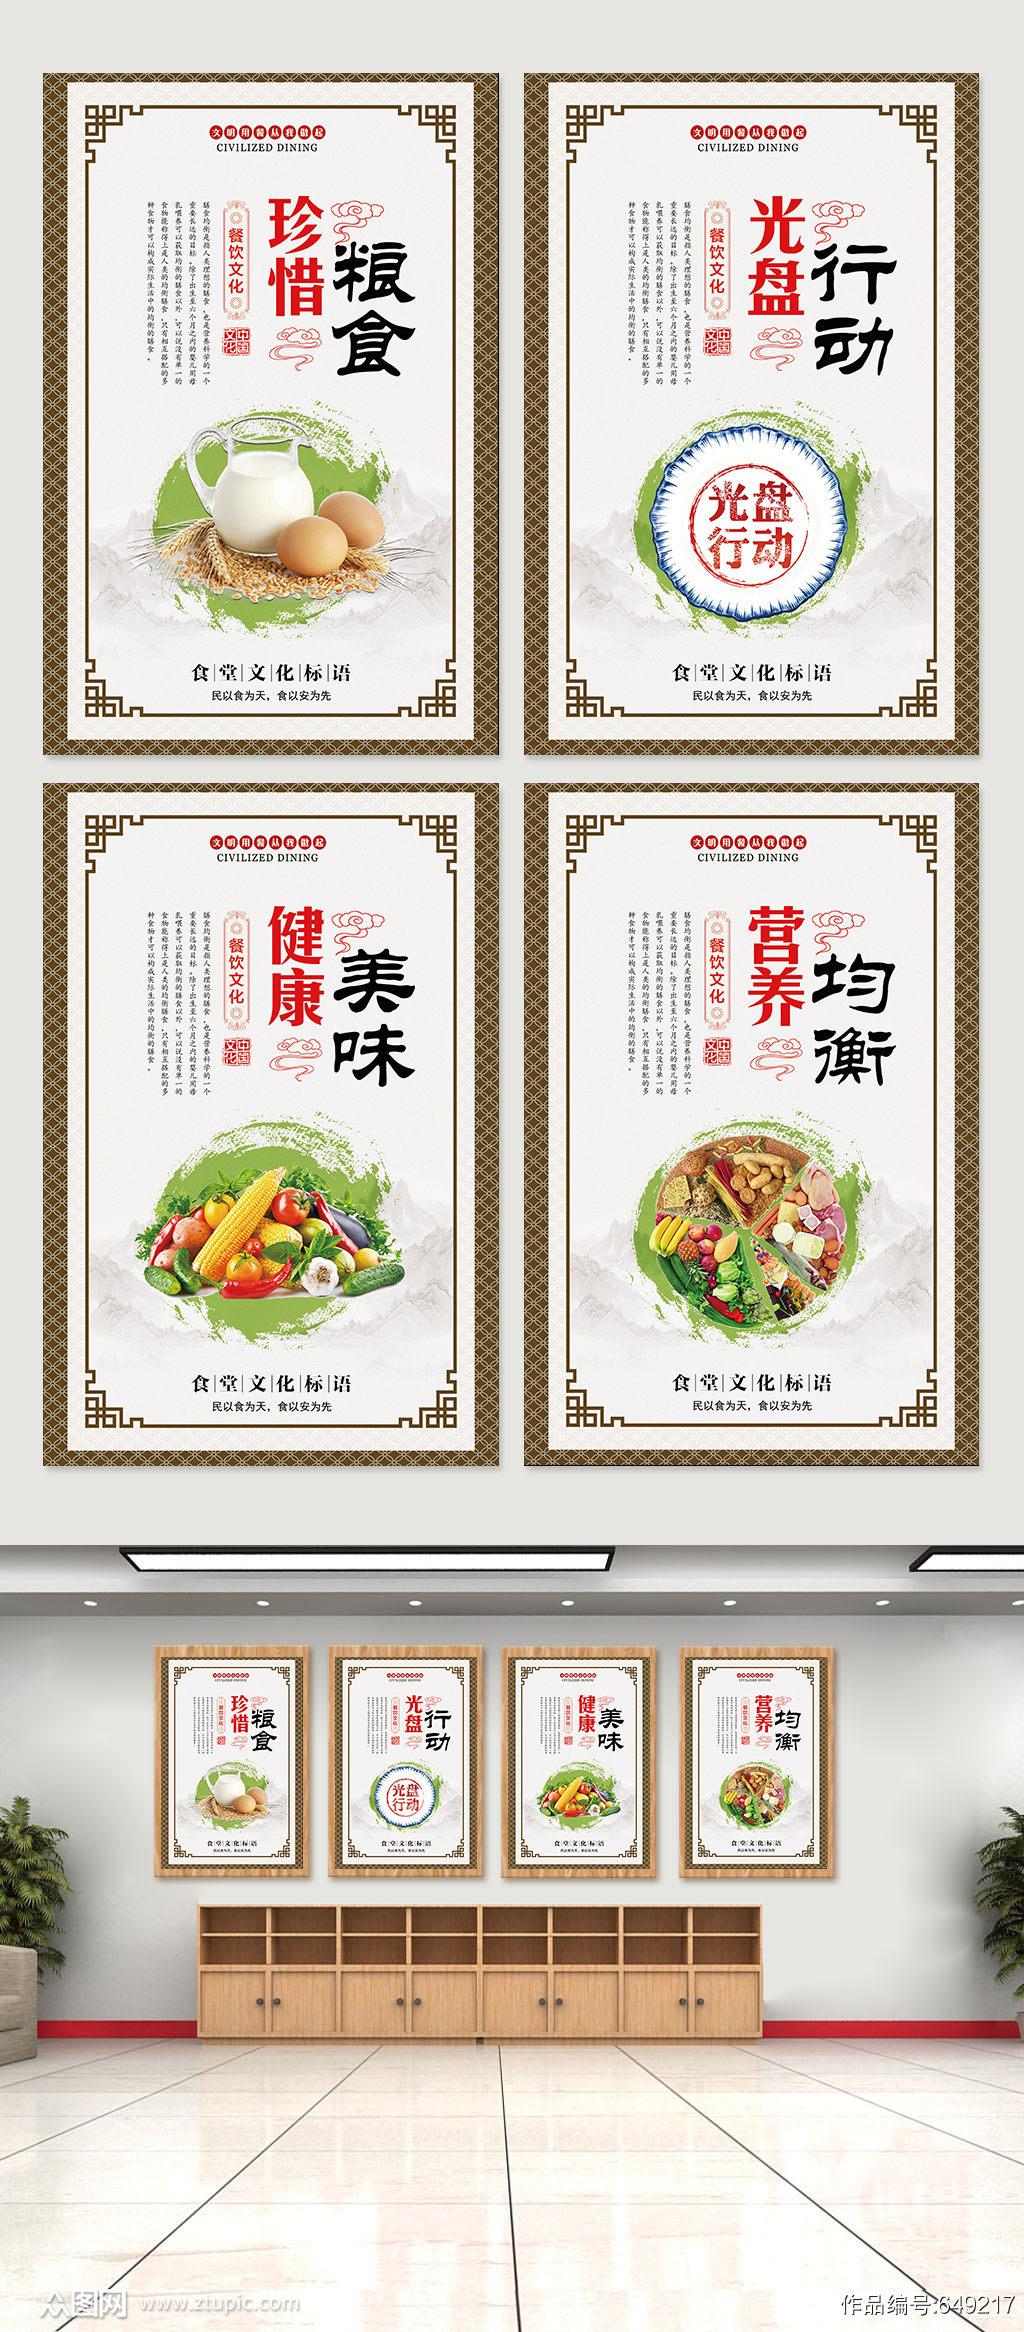 创意时尚校园食堂文化宣传挂画展板图 珍惜粮食挂画素材